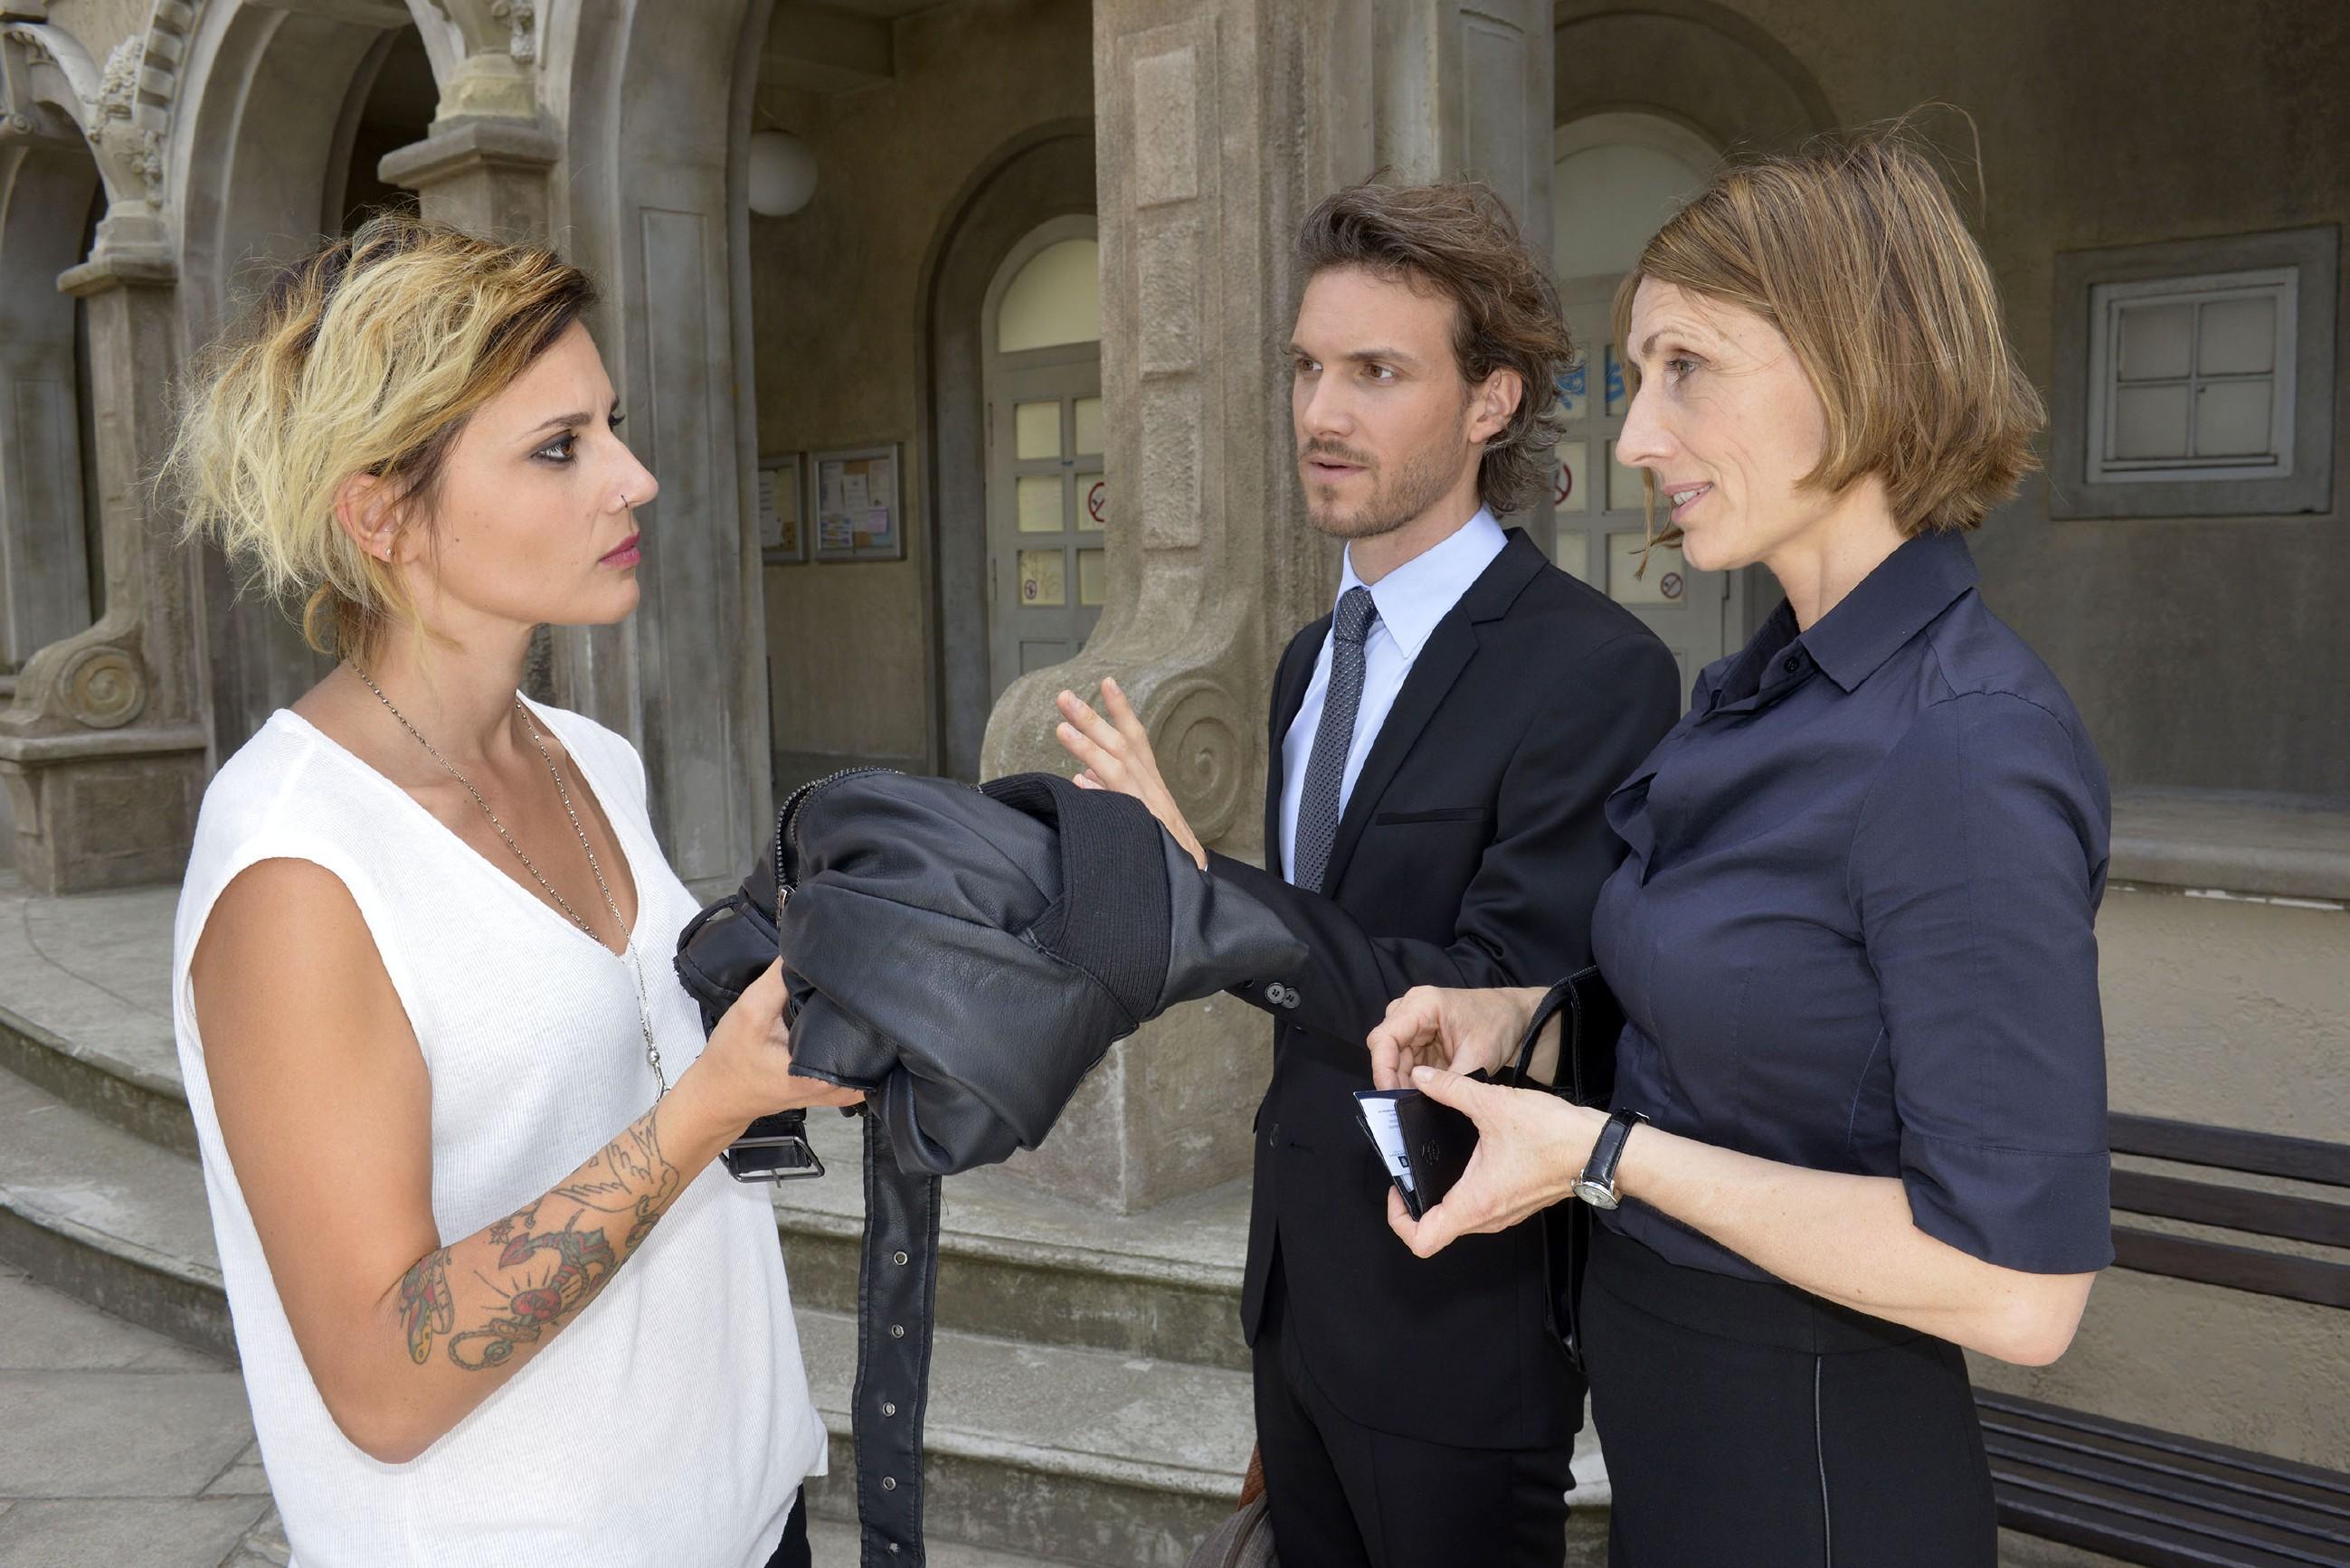 Anni (Linda Marlen Runge, l.) fühlt sich von Felix (Thaddäus Meilinger) und Rosa (Joana Schümer) ziemlich herablassend behandelt. (Quelle: RTL / Rolf Baumgartner)